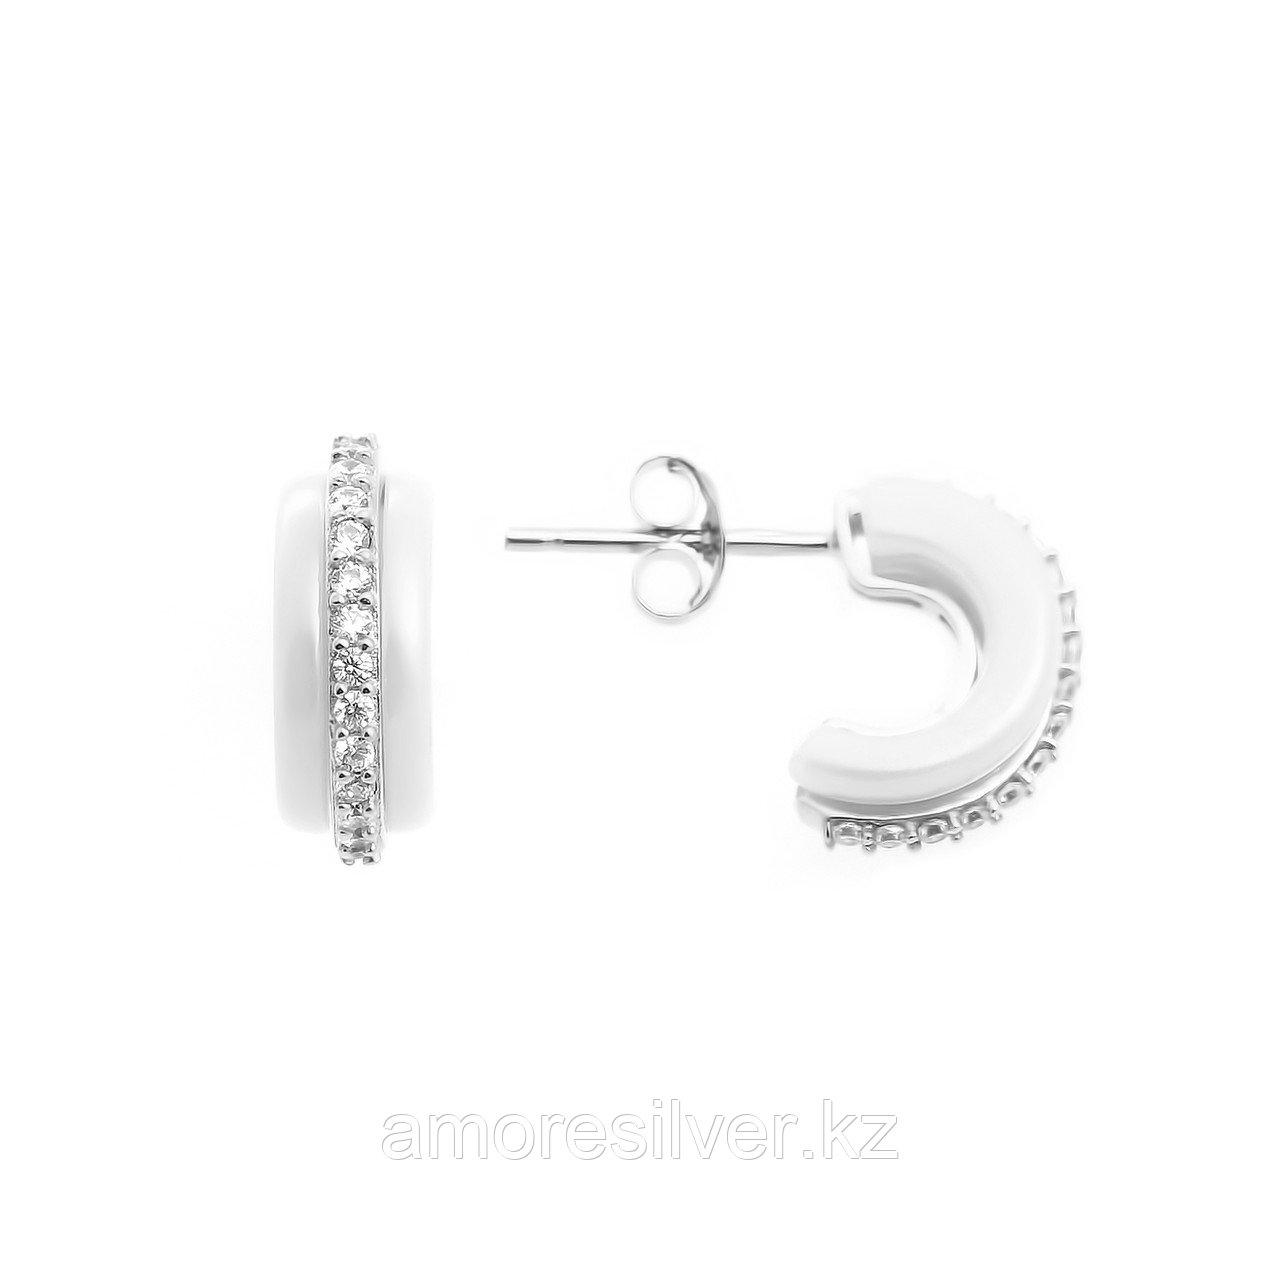 """Серьги Teosa серебро с родием, керамика фианит, """"линии"""" BJ-CS1081-W-R"""